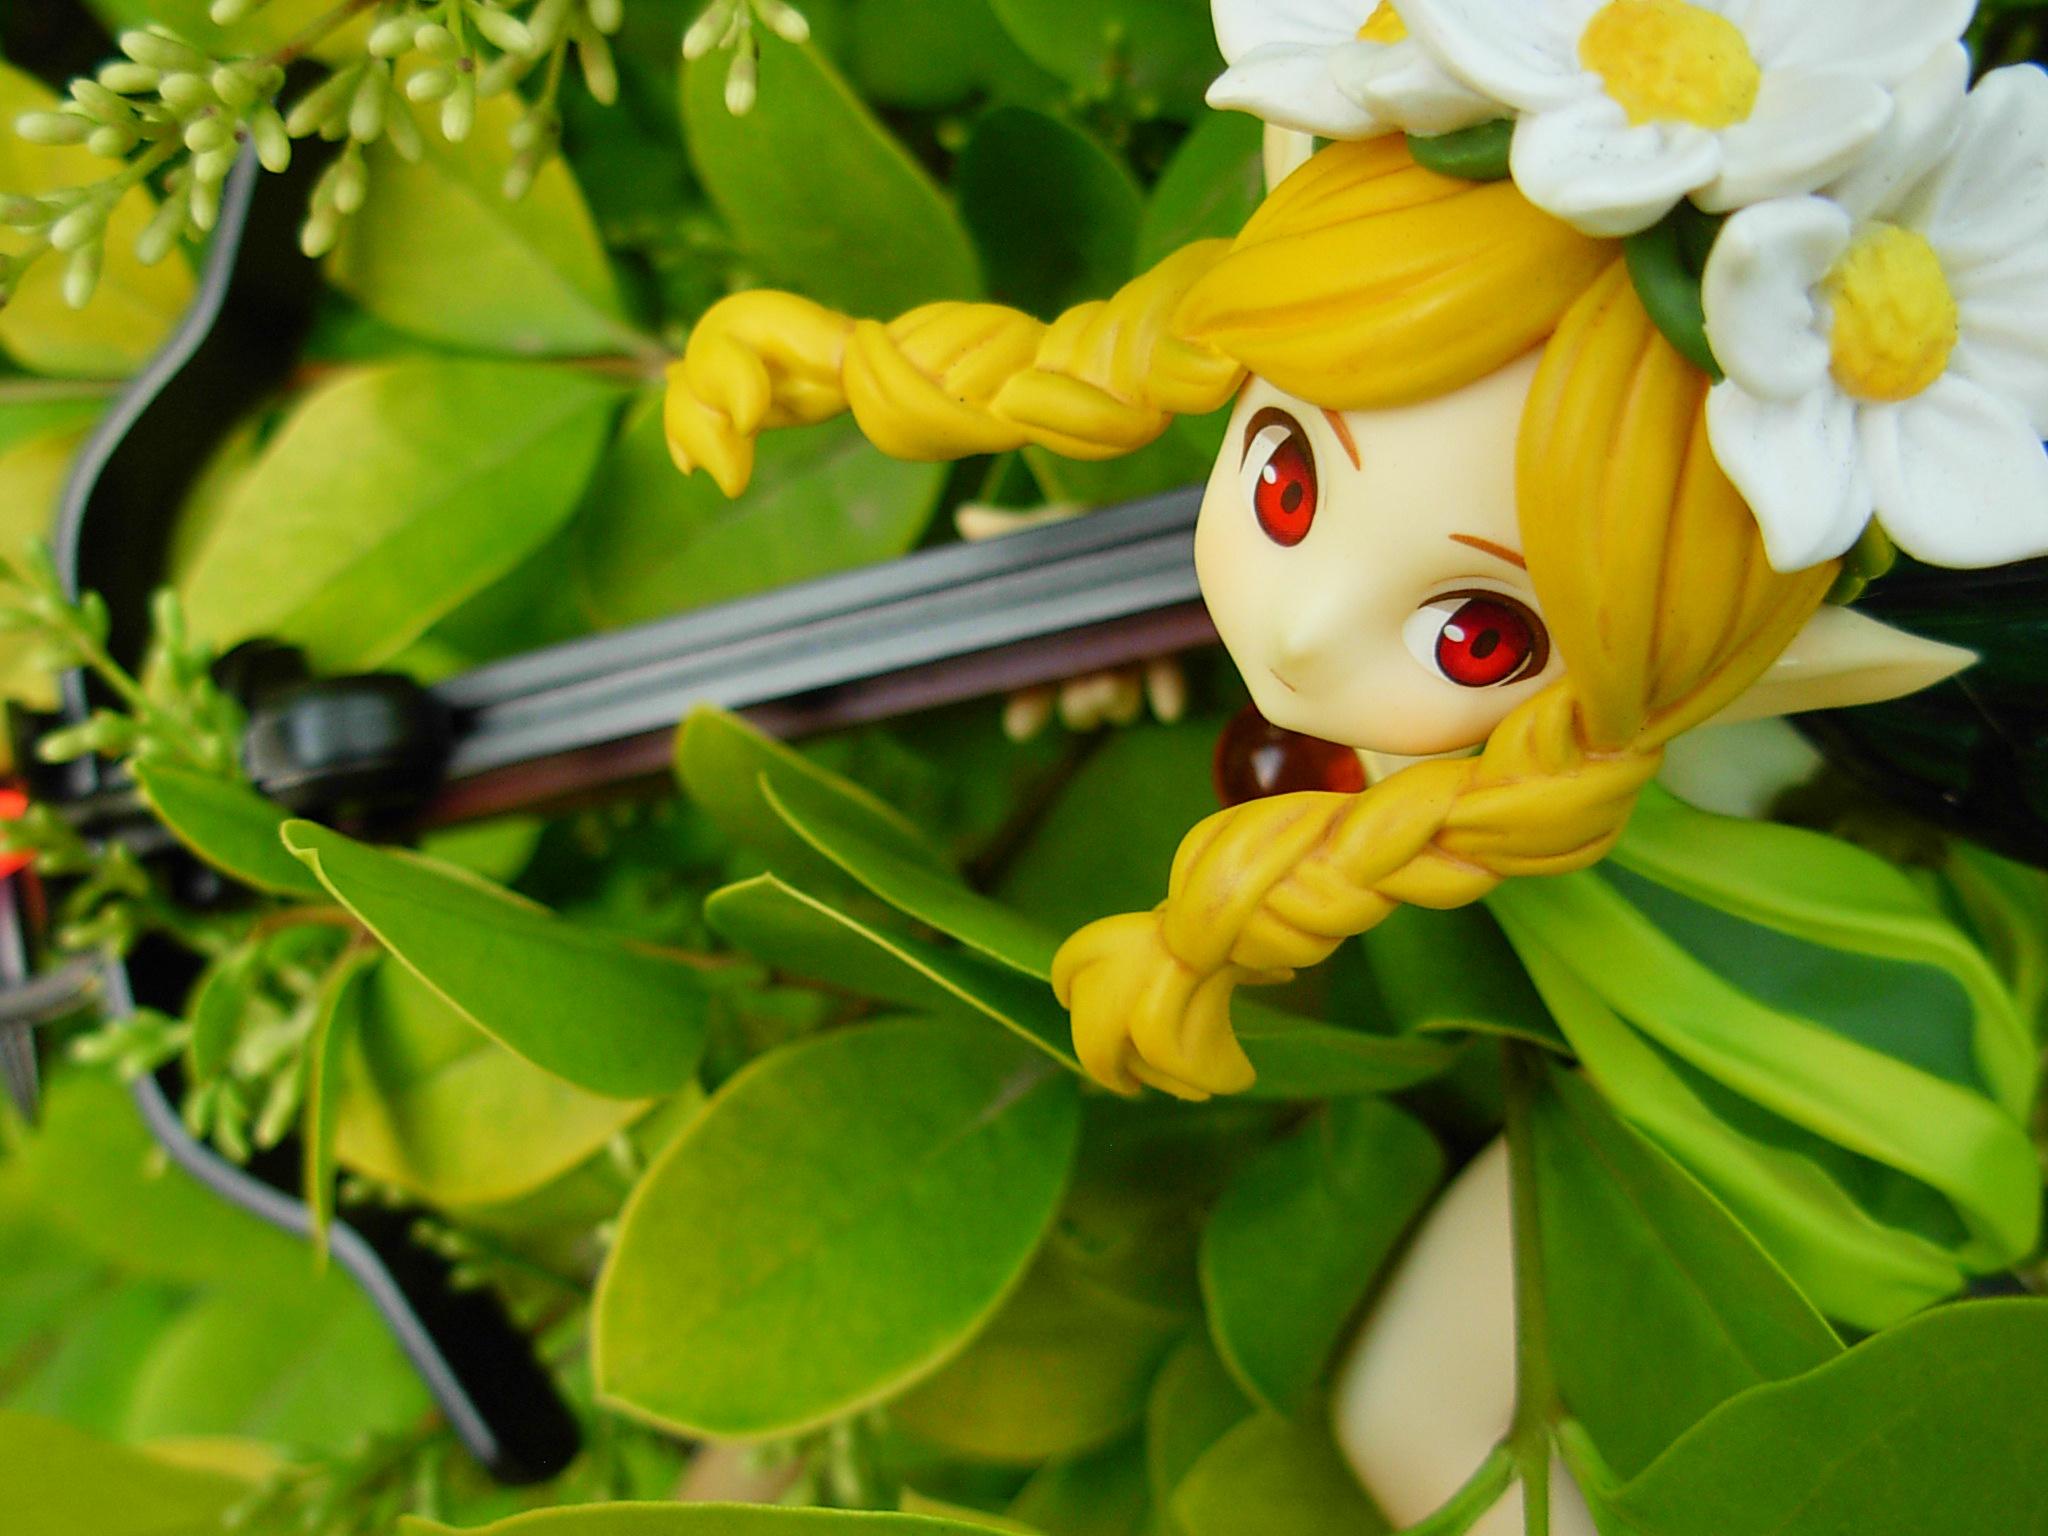 隐匿丛中的精灵公主 梅赛德斯——手办外拍 (木单反也